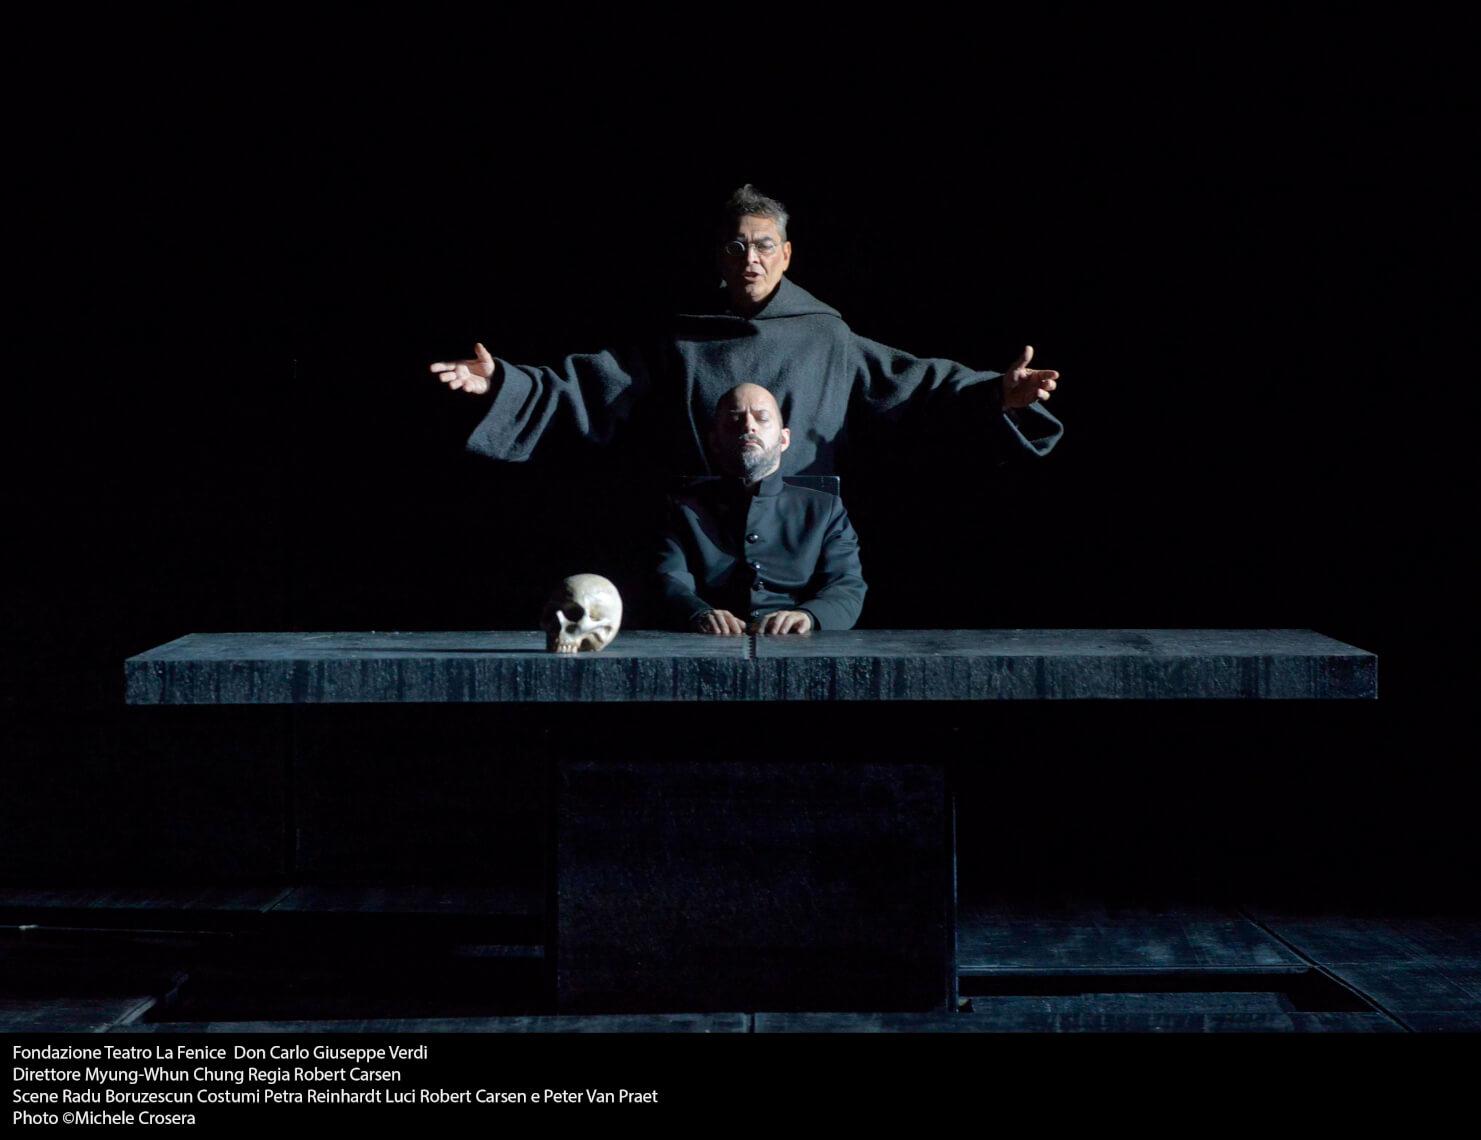 Teatro La Fenice - Don Carlo, a. III.1 sc. 2 - foto @ Michele Crosera